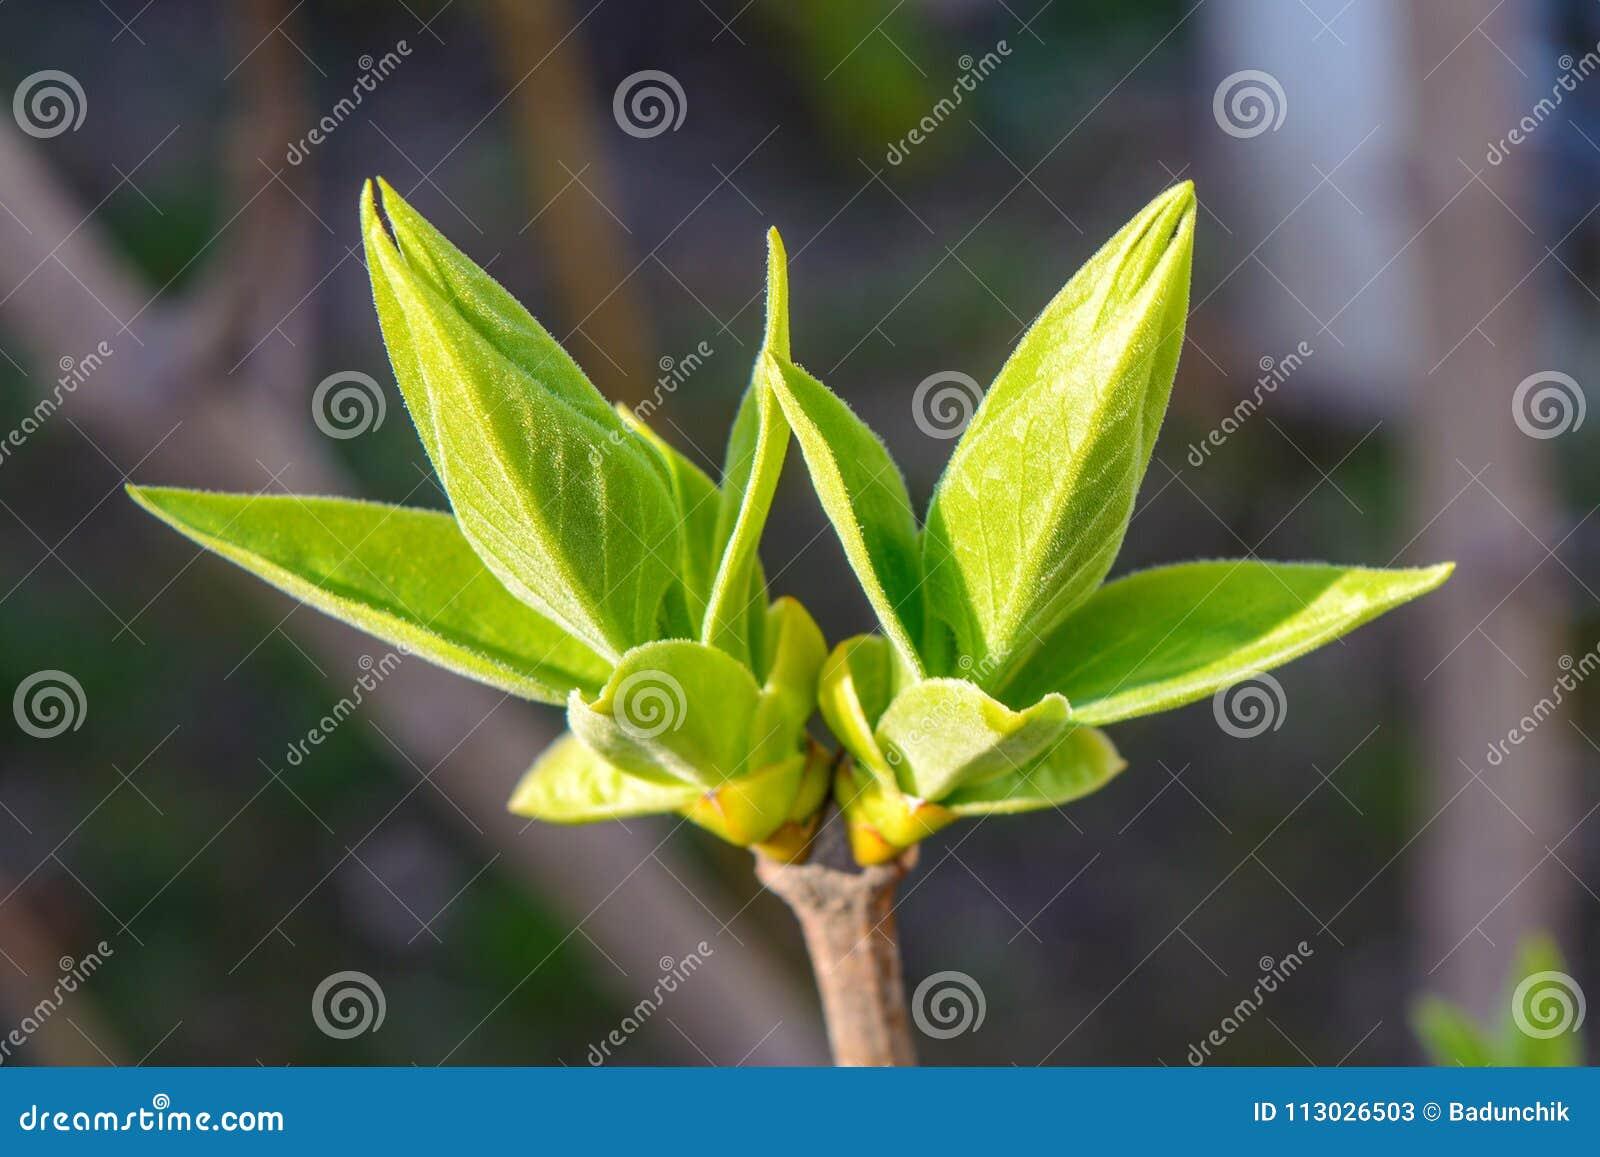 Foto di giovane ramo di albero su fondo scuro